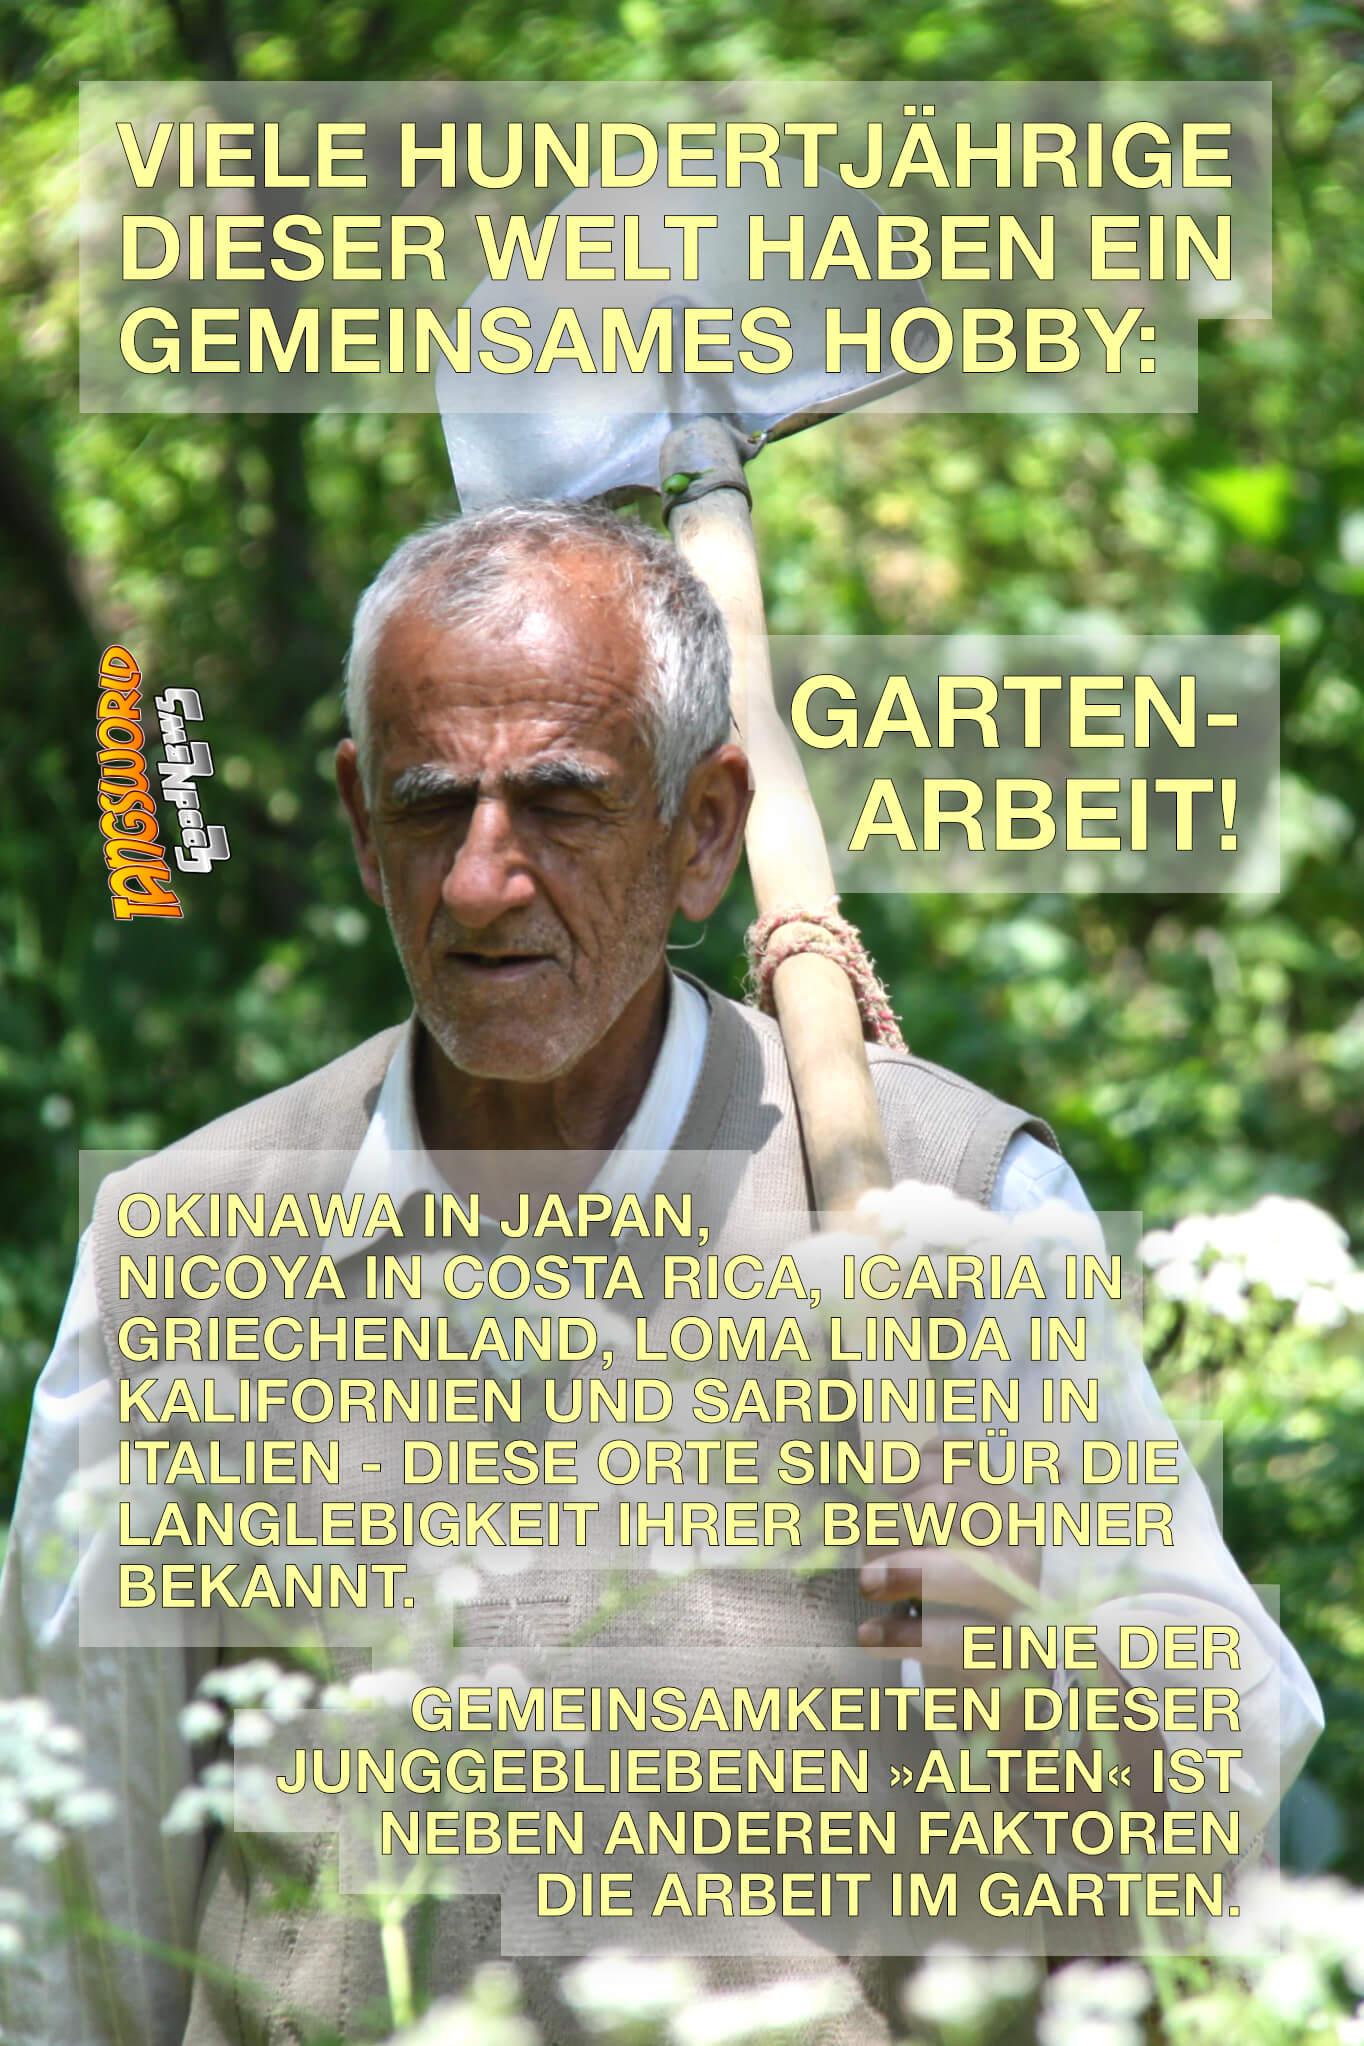 Gartenarbeit für ein langes Leben - Viele der Hundertjährigen der Welt haben ein gemeinsames Hobby: die Gartenarbeit. Können wir dadurch unser Leben verlängern und Stress abbauen? - GoodNews